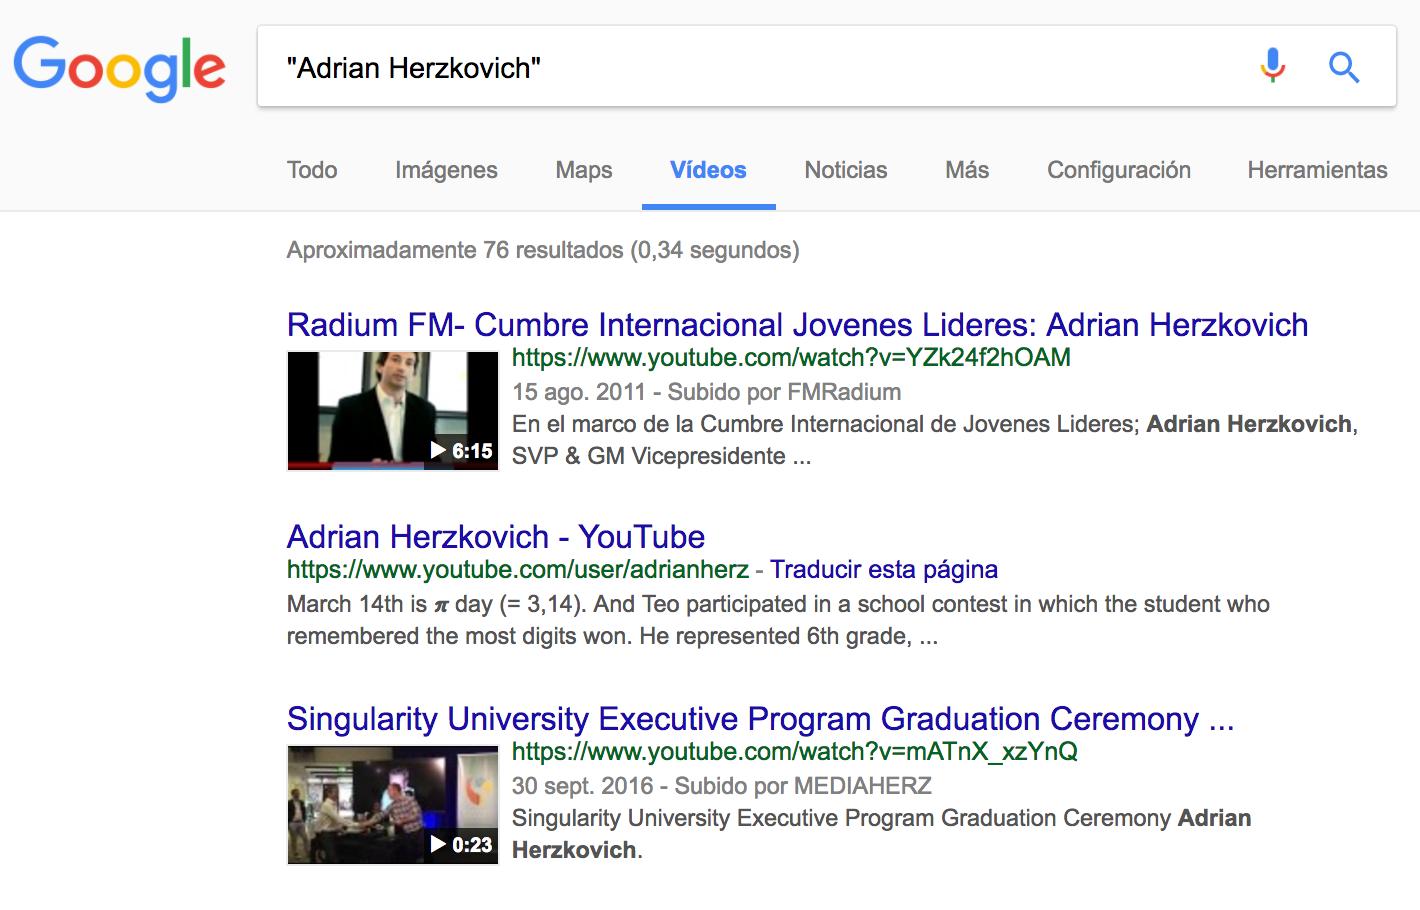 Adrian Herzkovich - Google - Videos